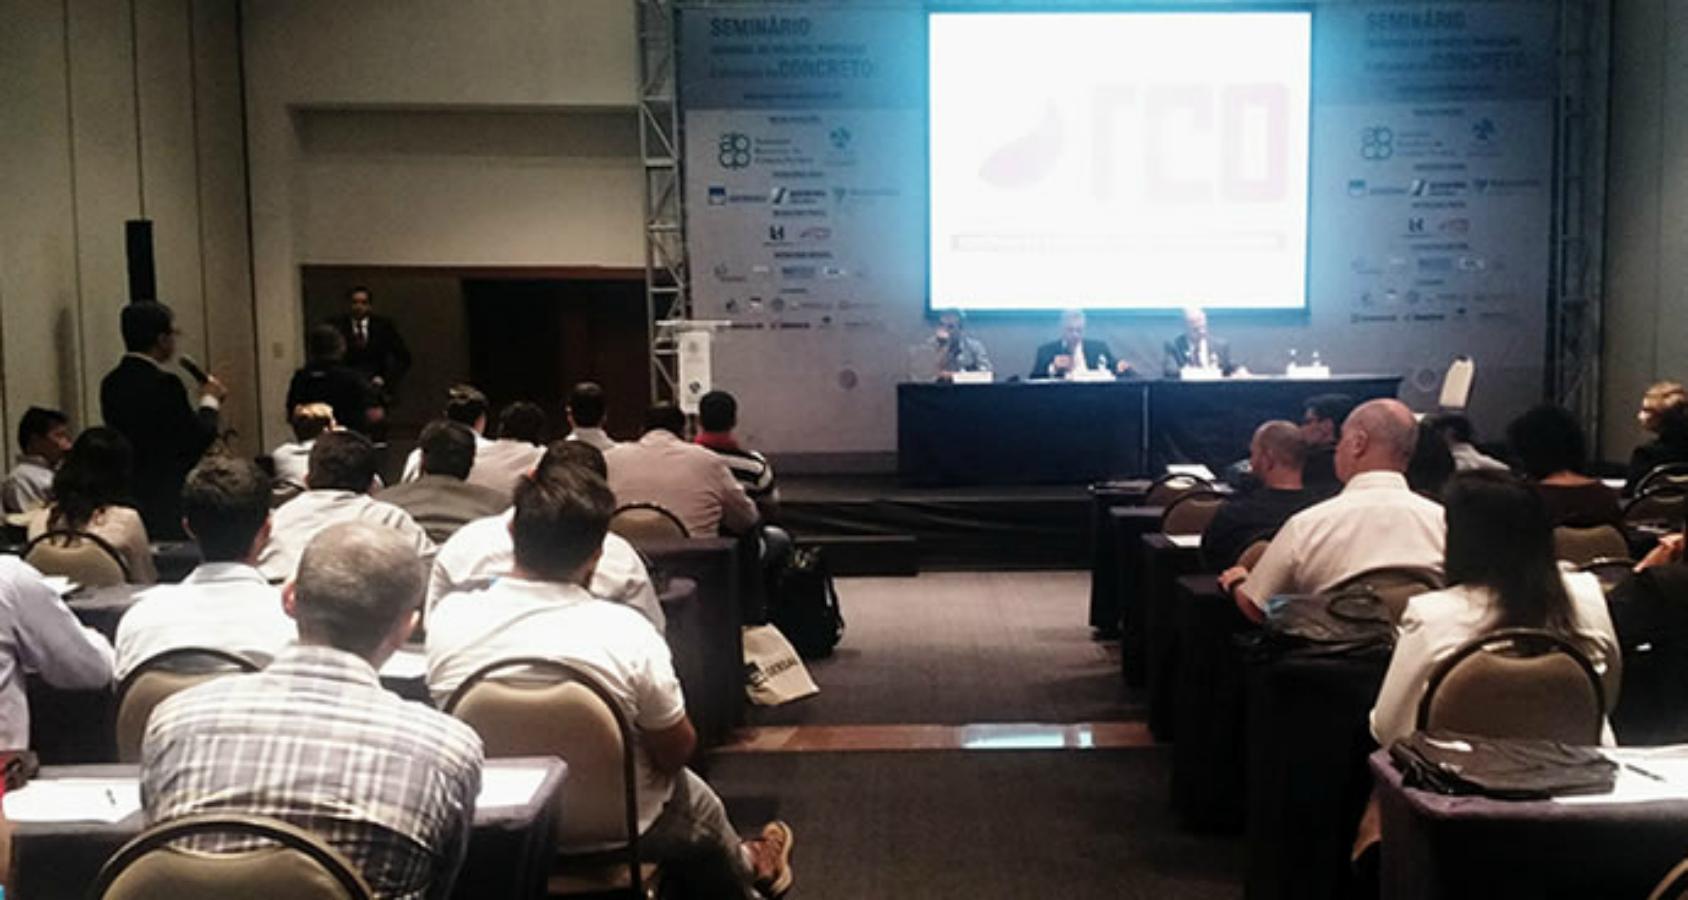 Seminário da ABCP promoveu debates técnicos sobre produtos e sistemas à base de cimento, entre eles os concretos duráveis